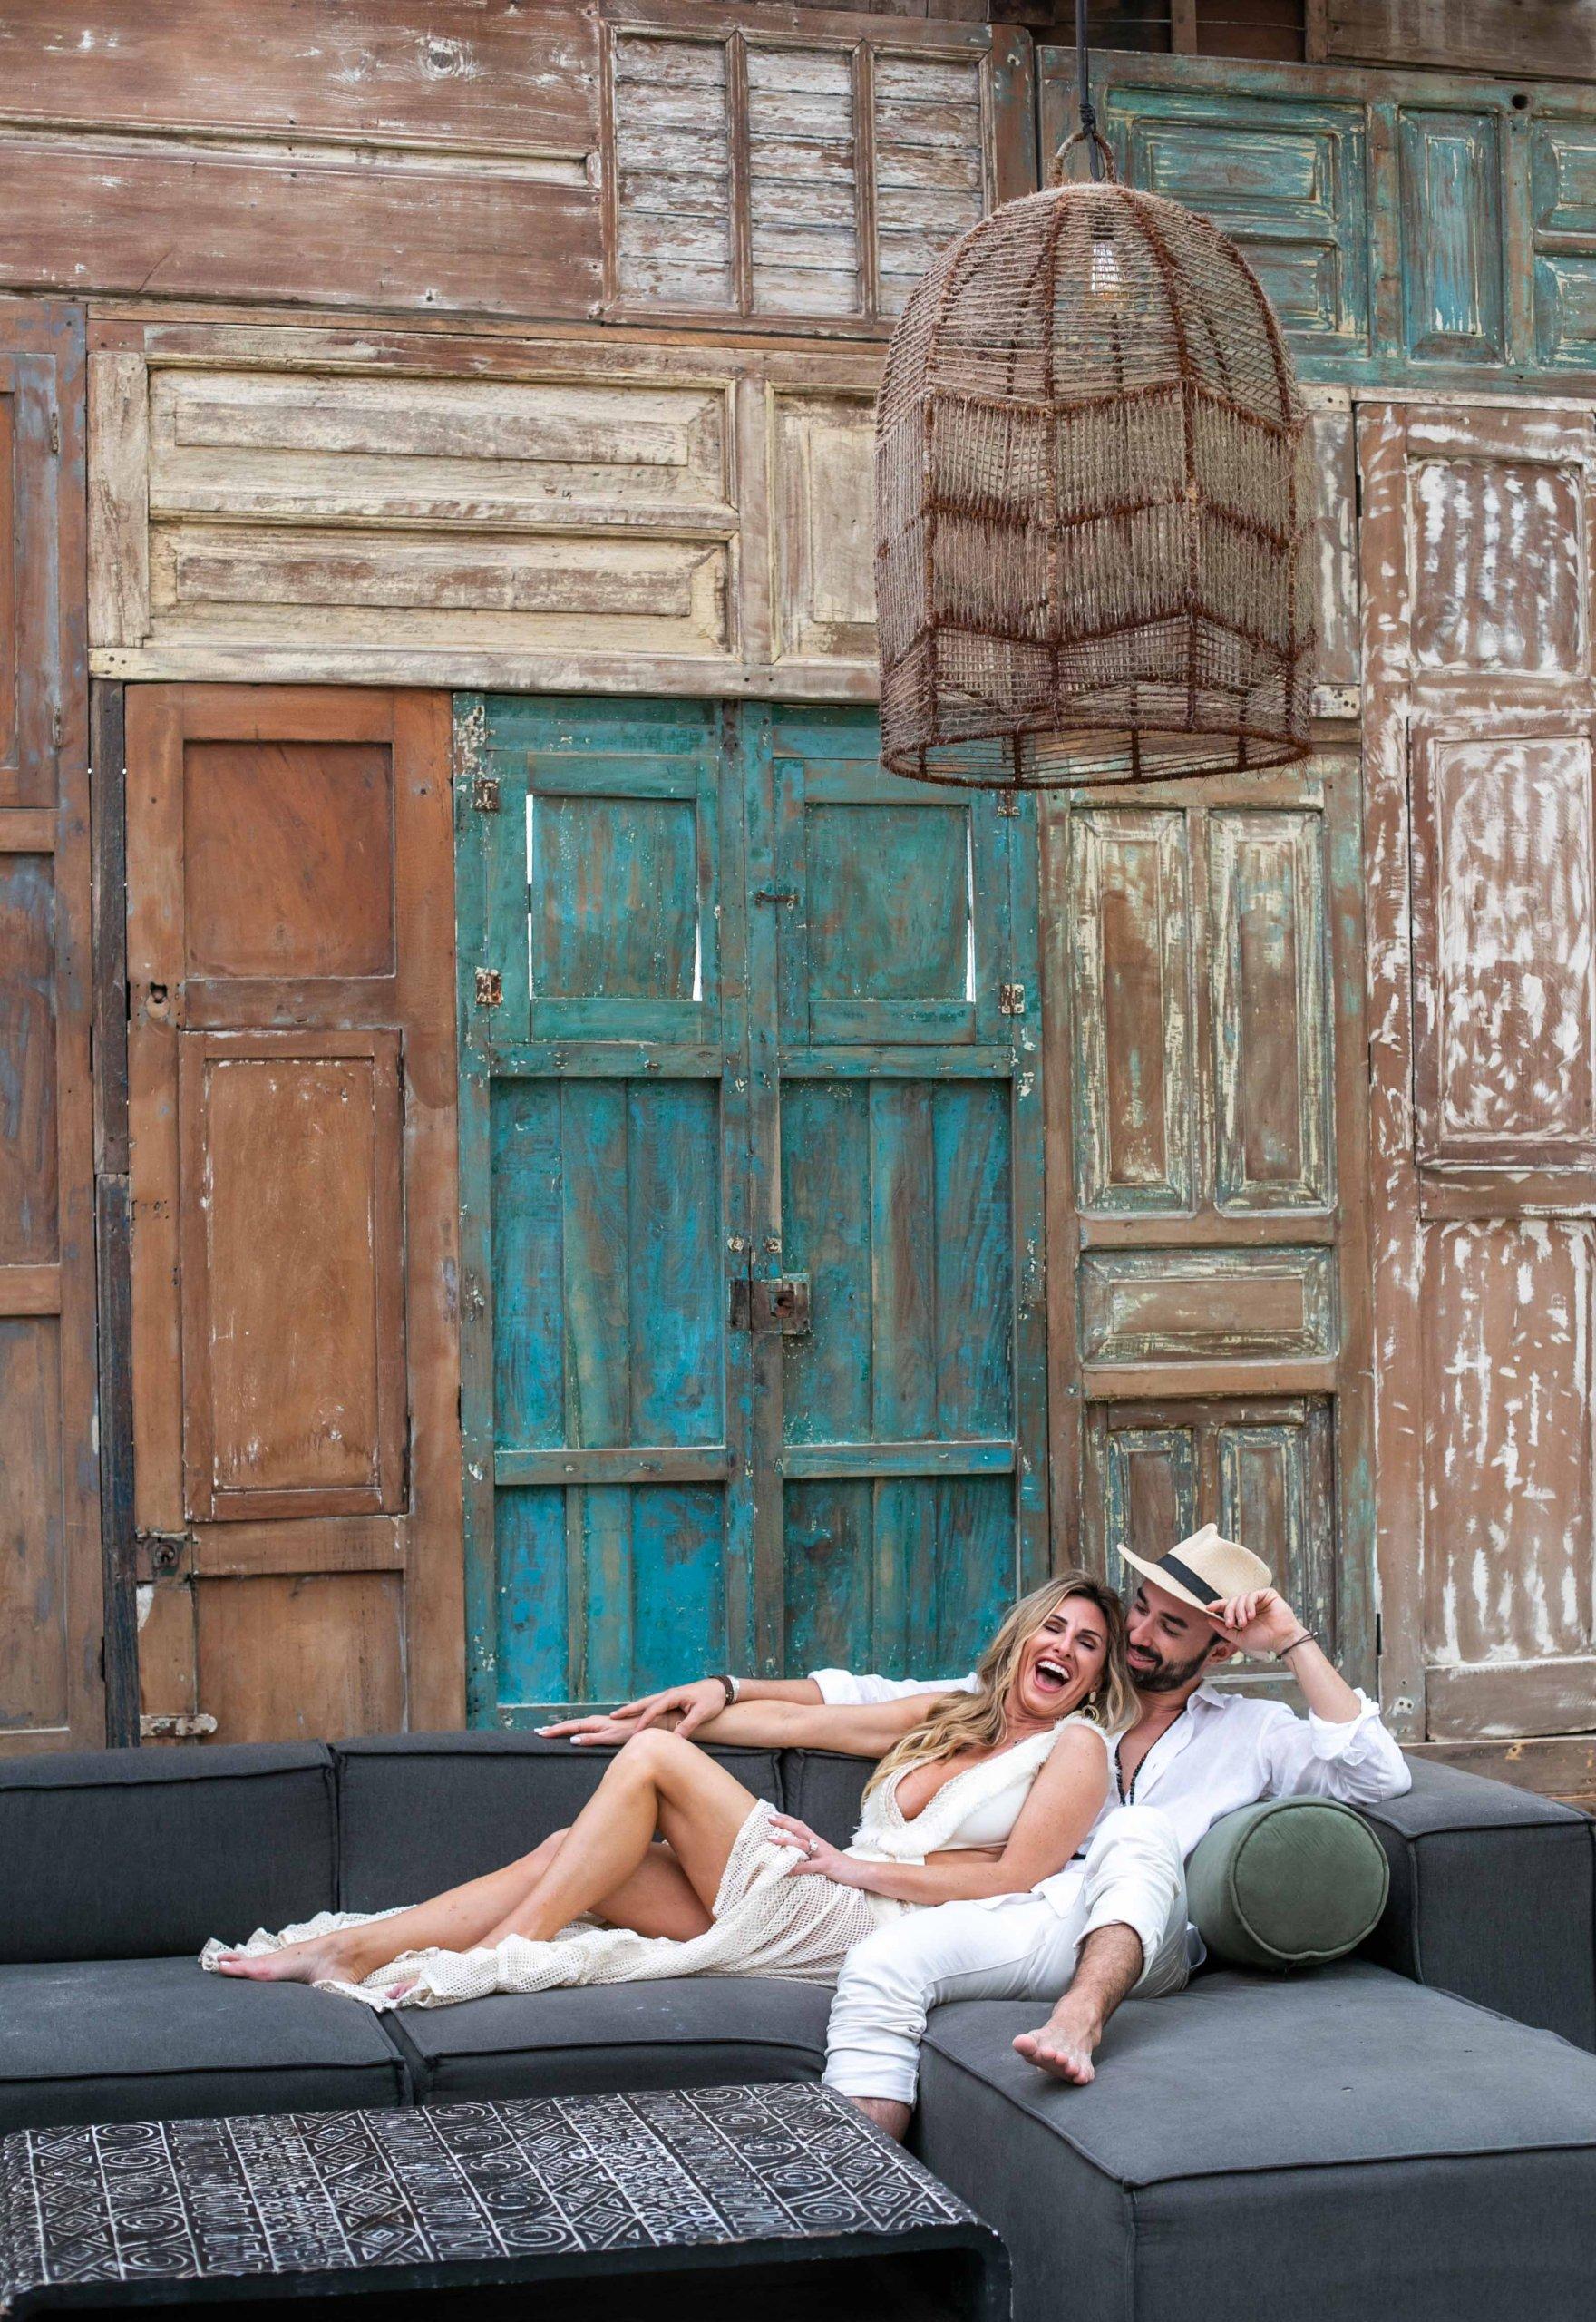 Honeymoon & Couples' Photography